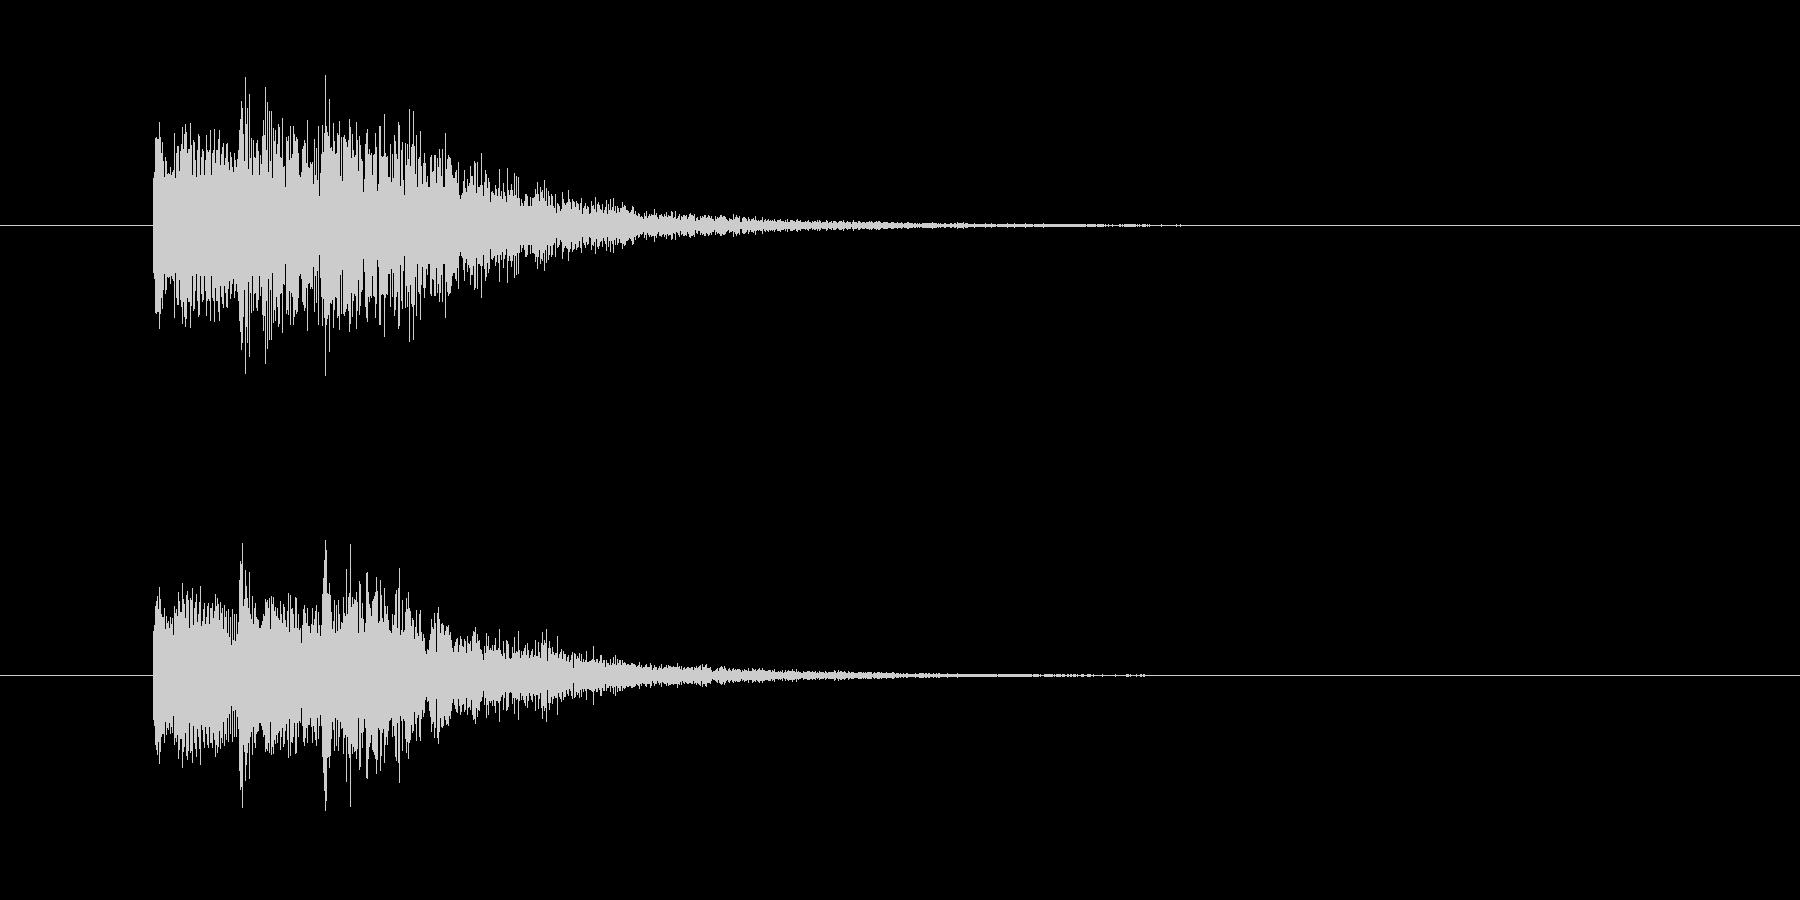 ジャララン。シンセジングル。の未再生の波形